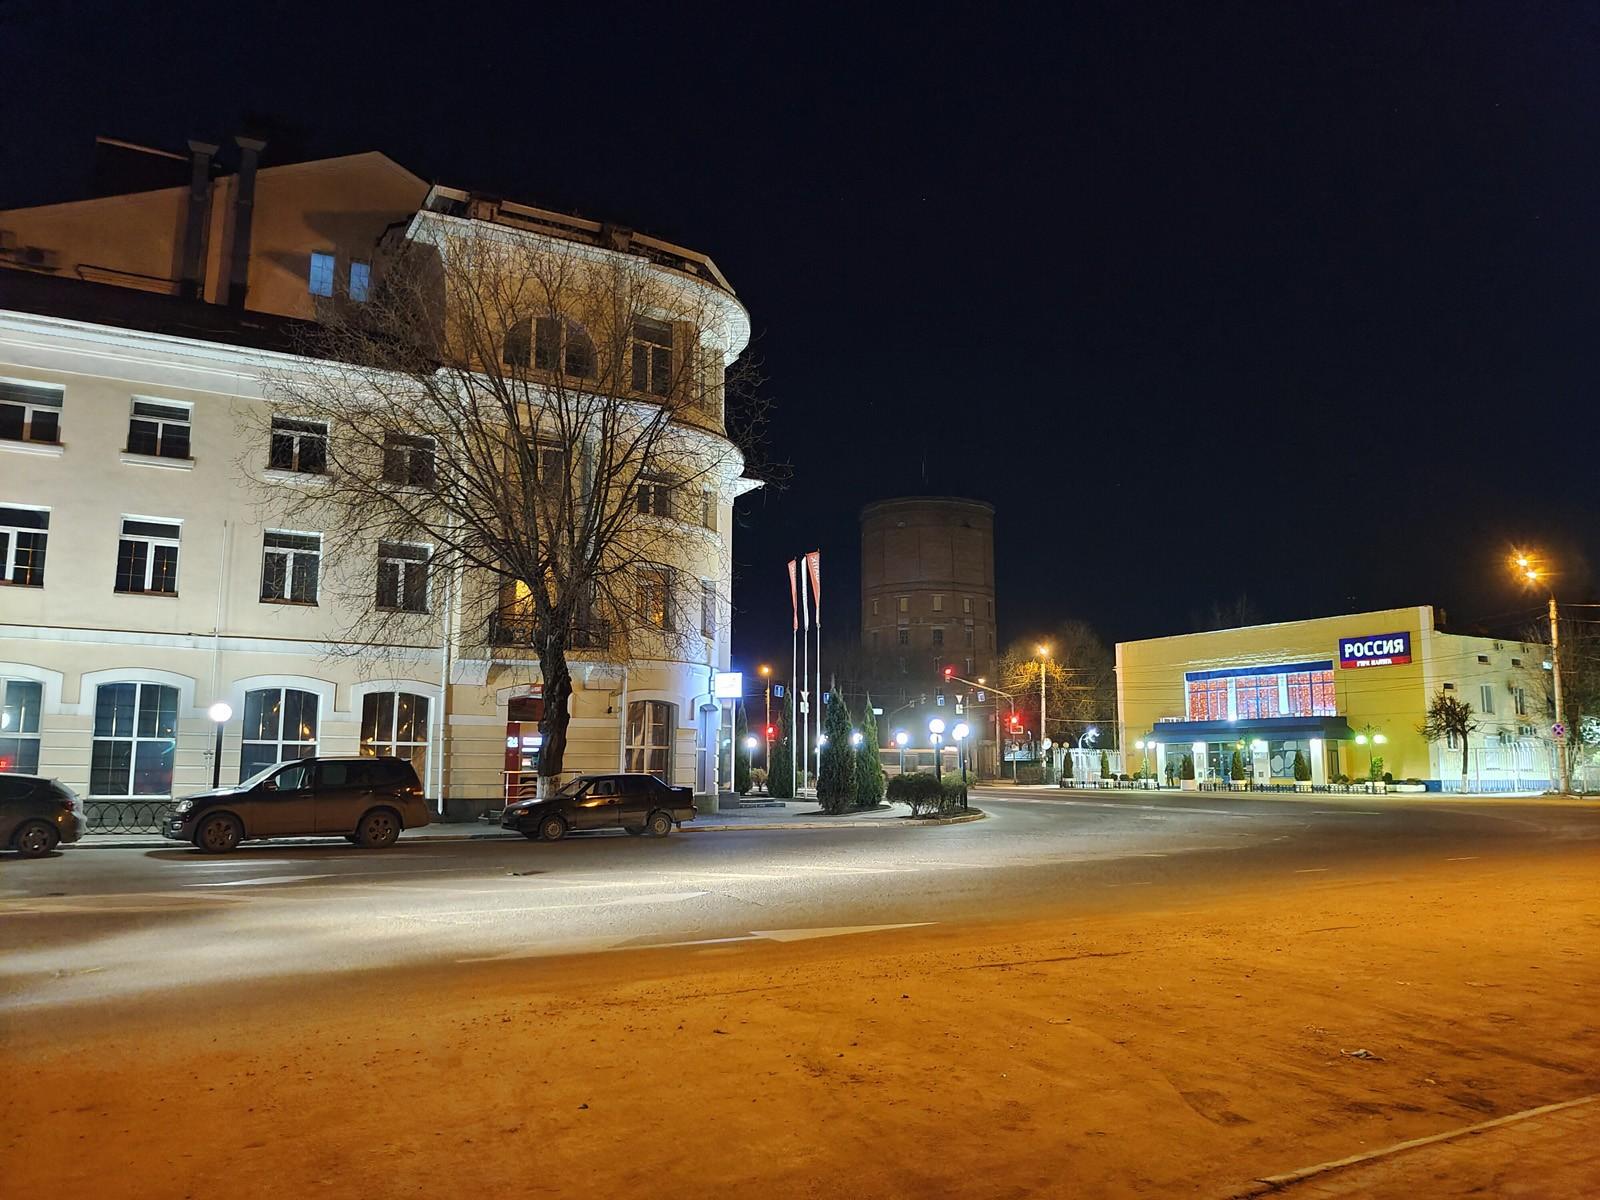 Автоматическая съёмка на камеру Vivo X60 Pro ночью